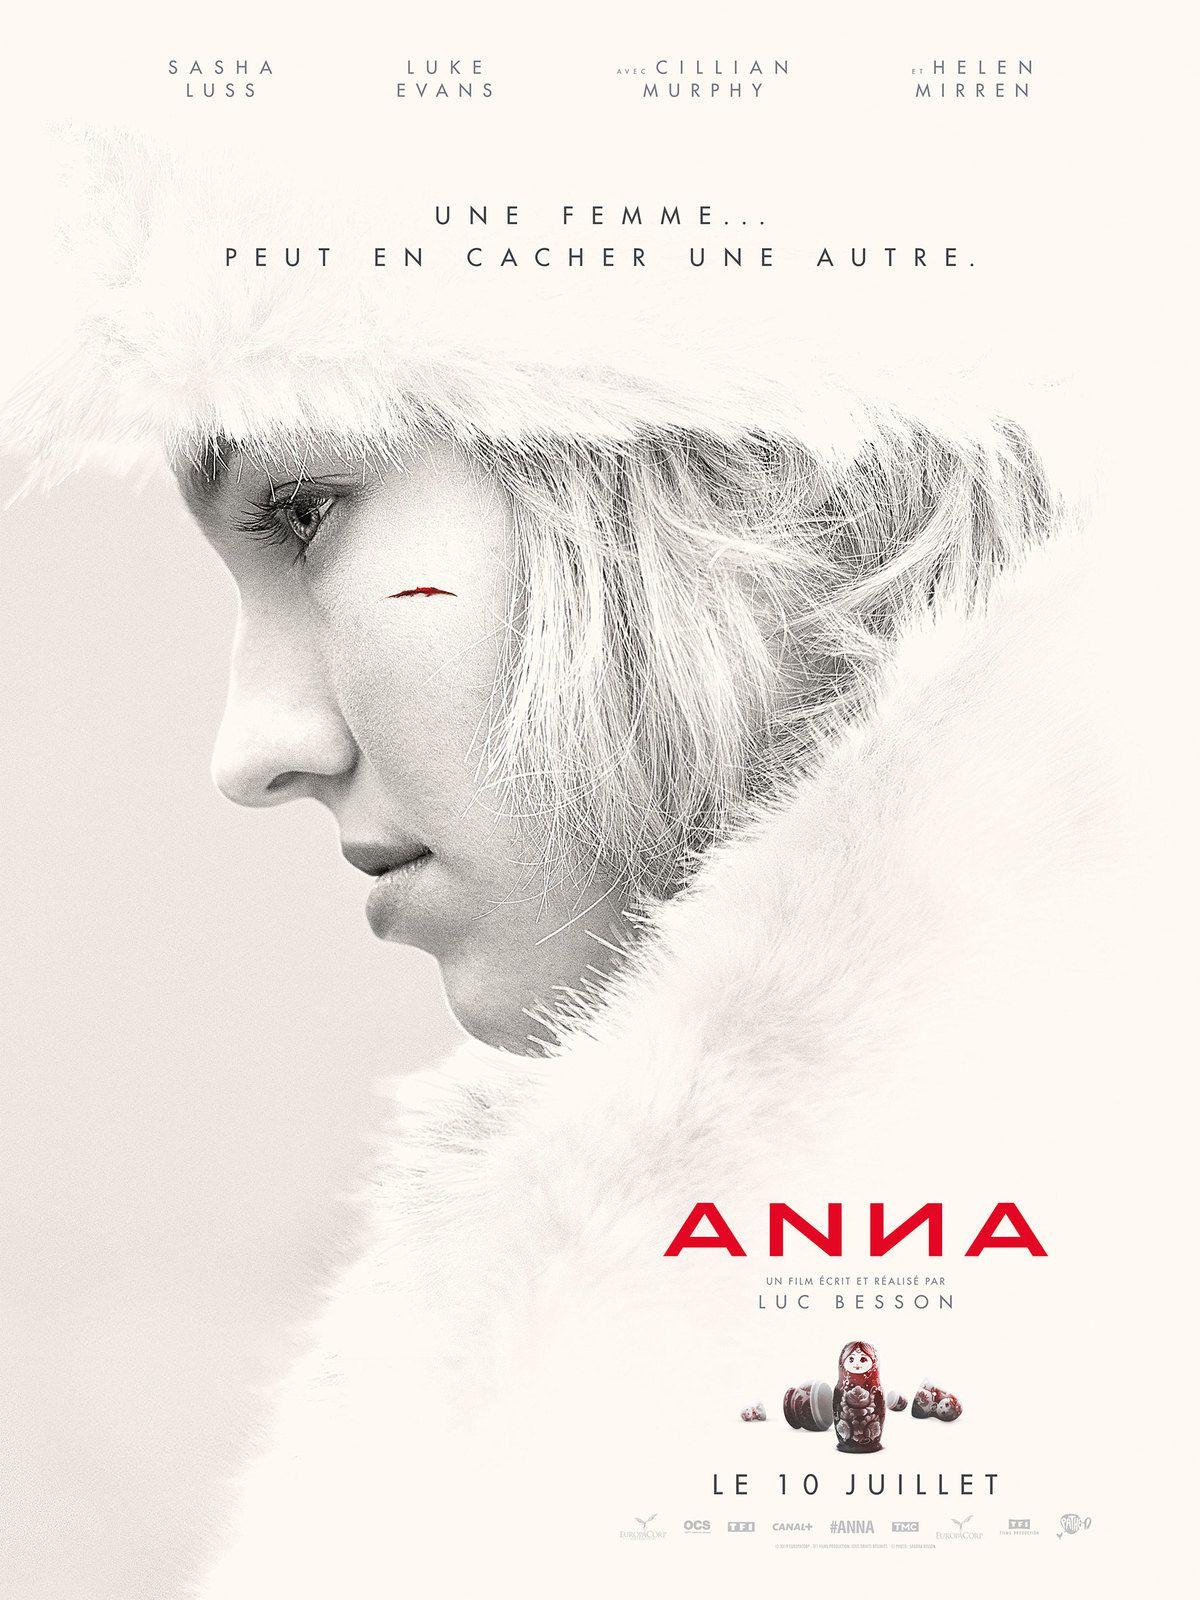 Nouvelle bande-annonce d'Anna, le nouveau film de Luc Besson.